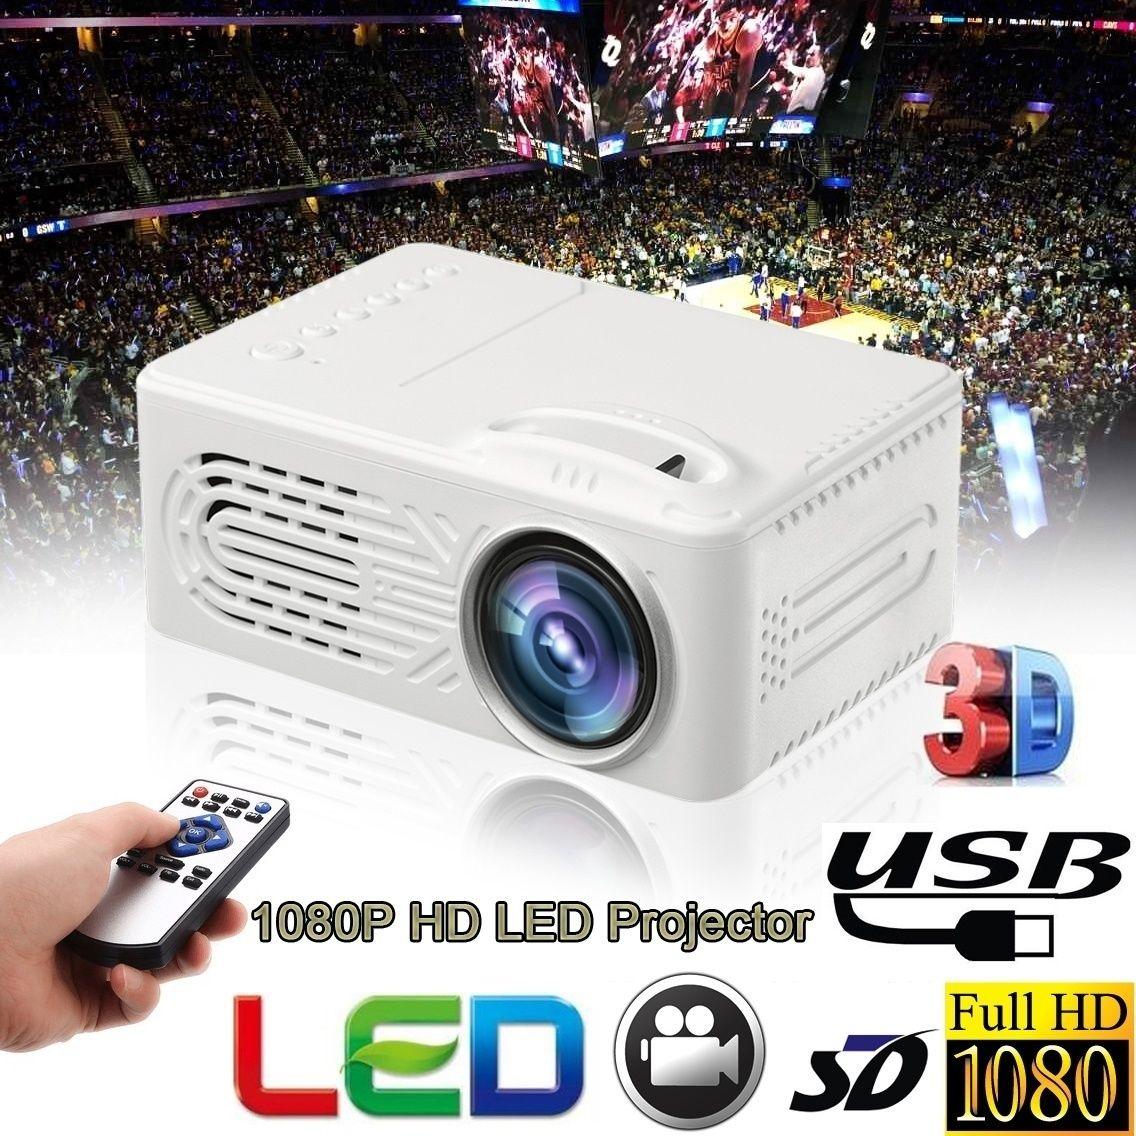 الأزياء الترفيه المنزلي العارض 1080P HD الوسائط المتعددة البسيطة LED فيديو بروجكتور محمول PC TV صندوق لعبة فيديو